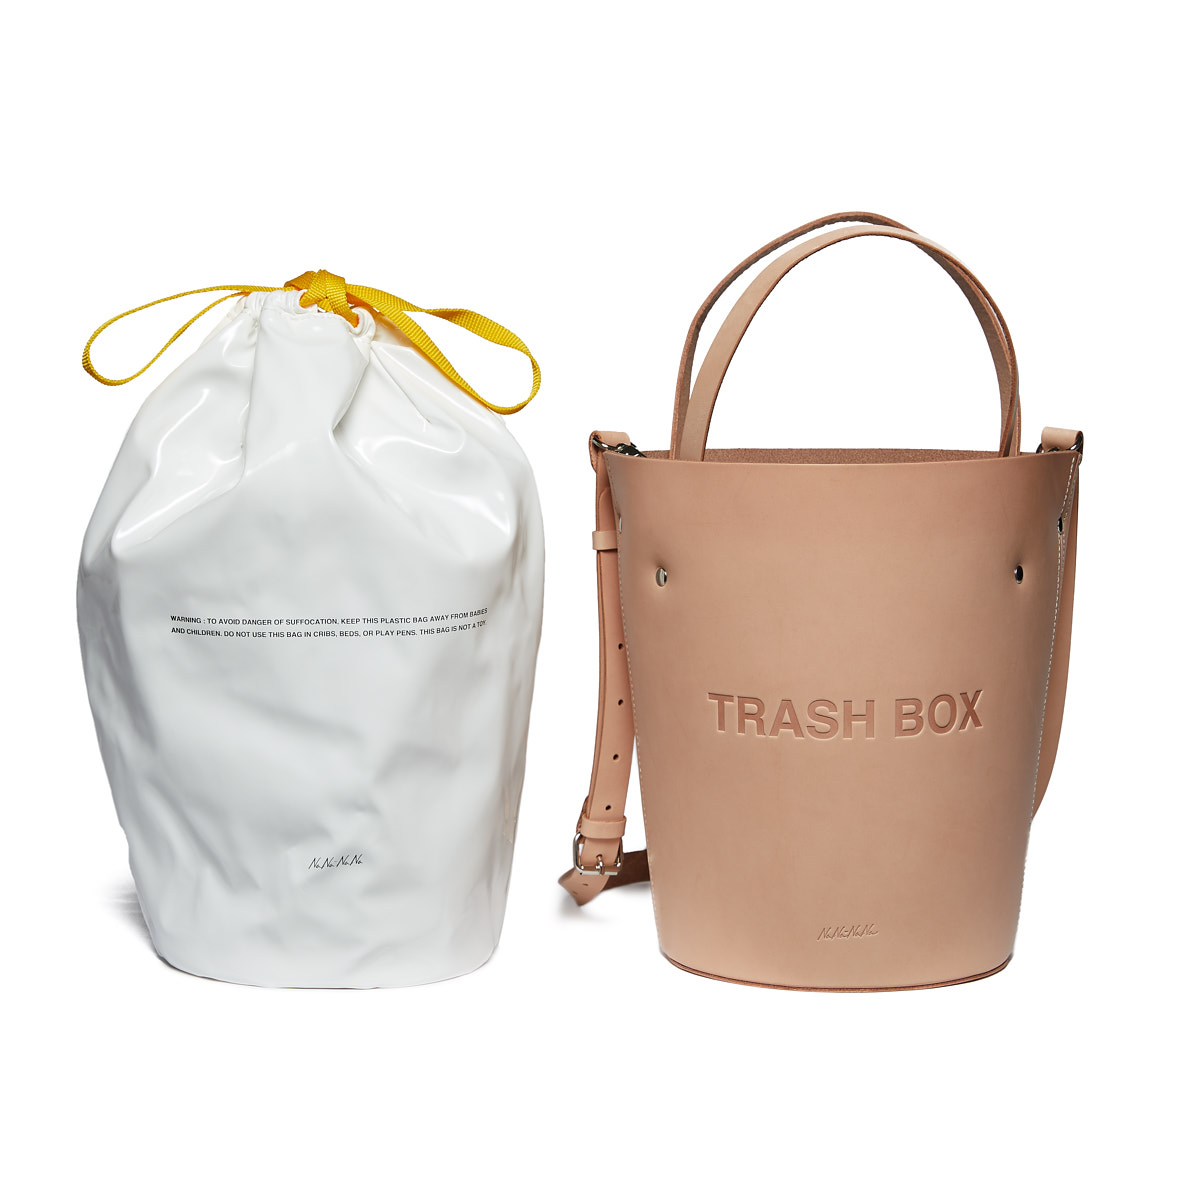 バッグ(ミディアム)「LEATHER NOT A TRASH BOX」¥48,000/ミッドタウンプロジェクト(ナナナナ)